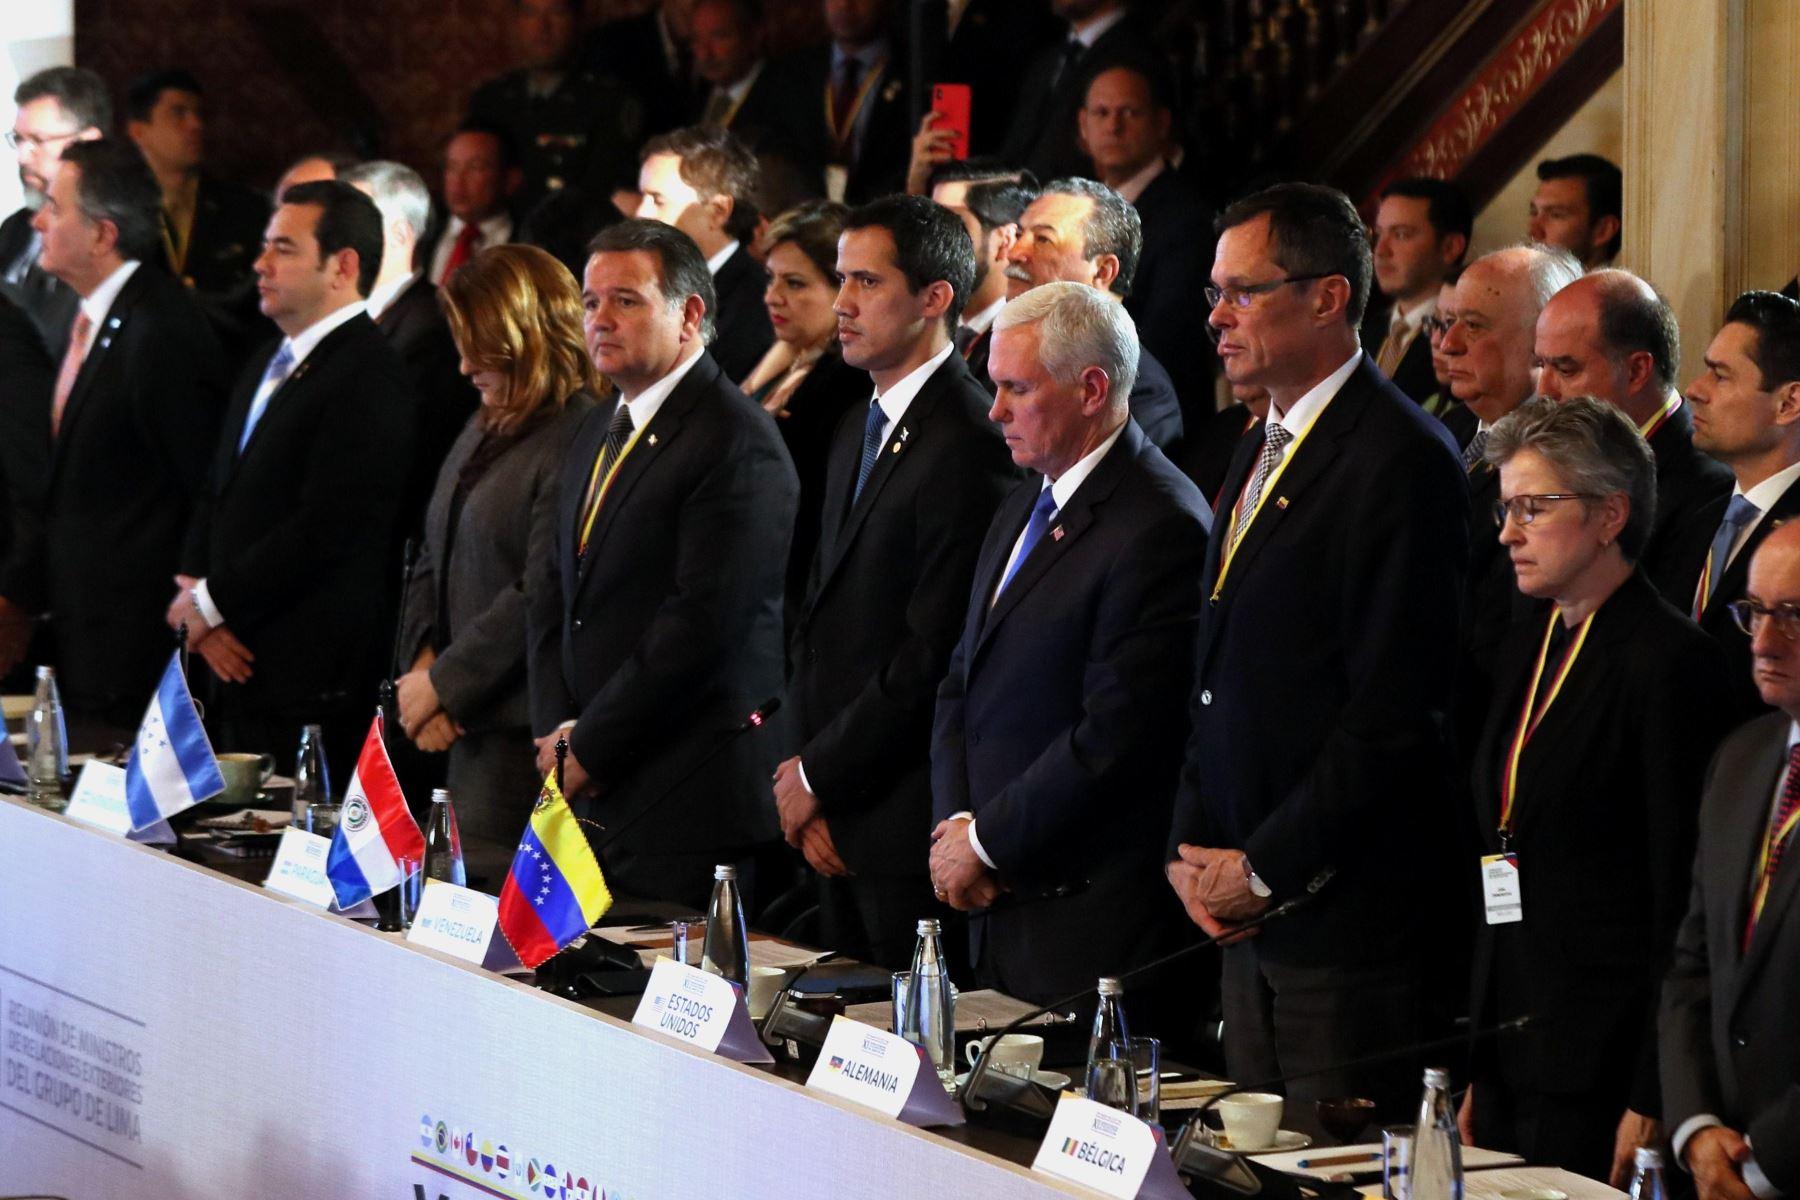 El mandatario interino de Venezuela, Juan Guaidó, y el vicepresidente de EE.UU., Mike Pence, junto a los demás asistentes, guardan un minuto de silencio por la situación que vive Venezuela, durante la cumbre del Grupo de Lima. Foto: EFE